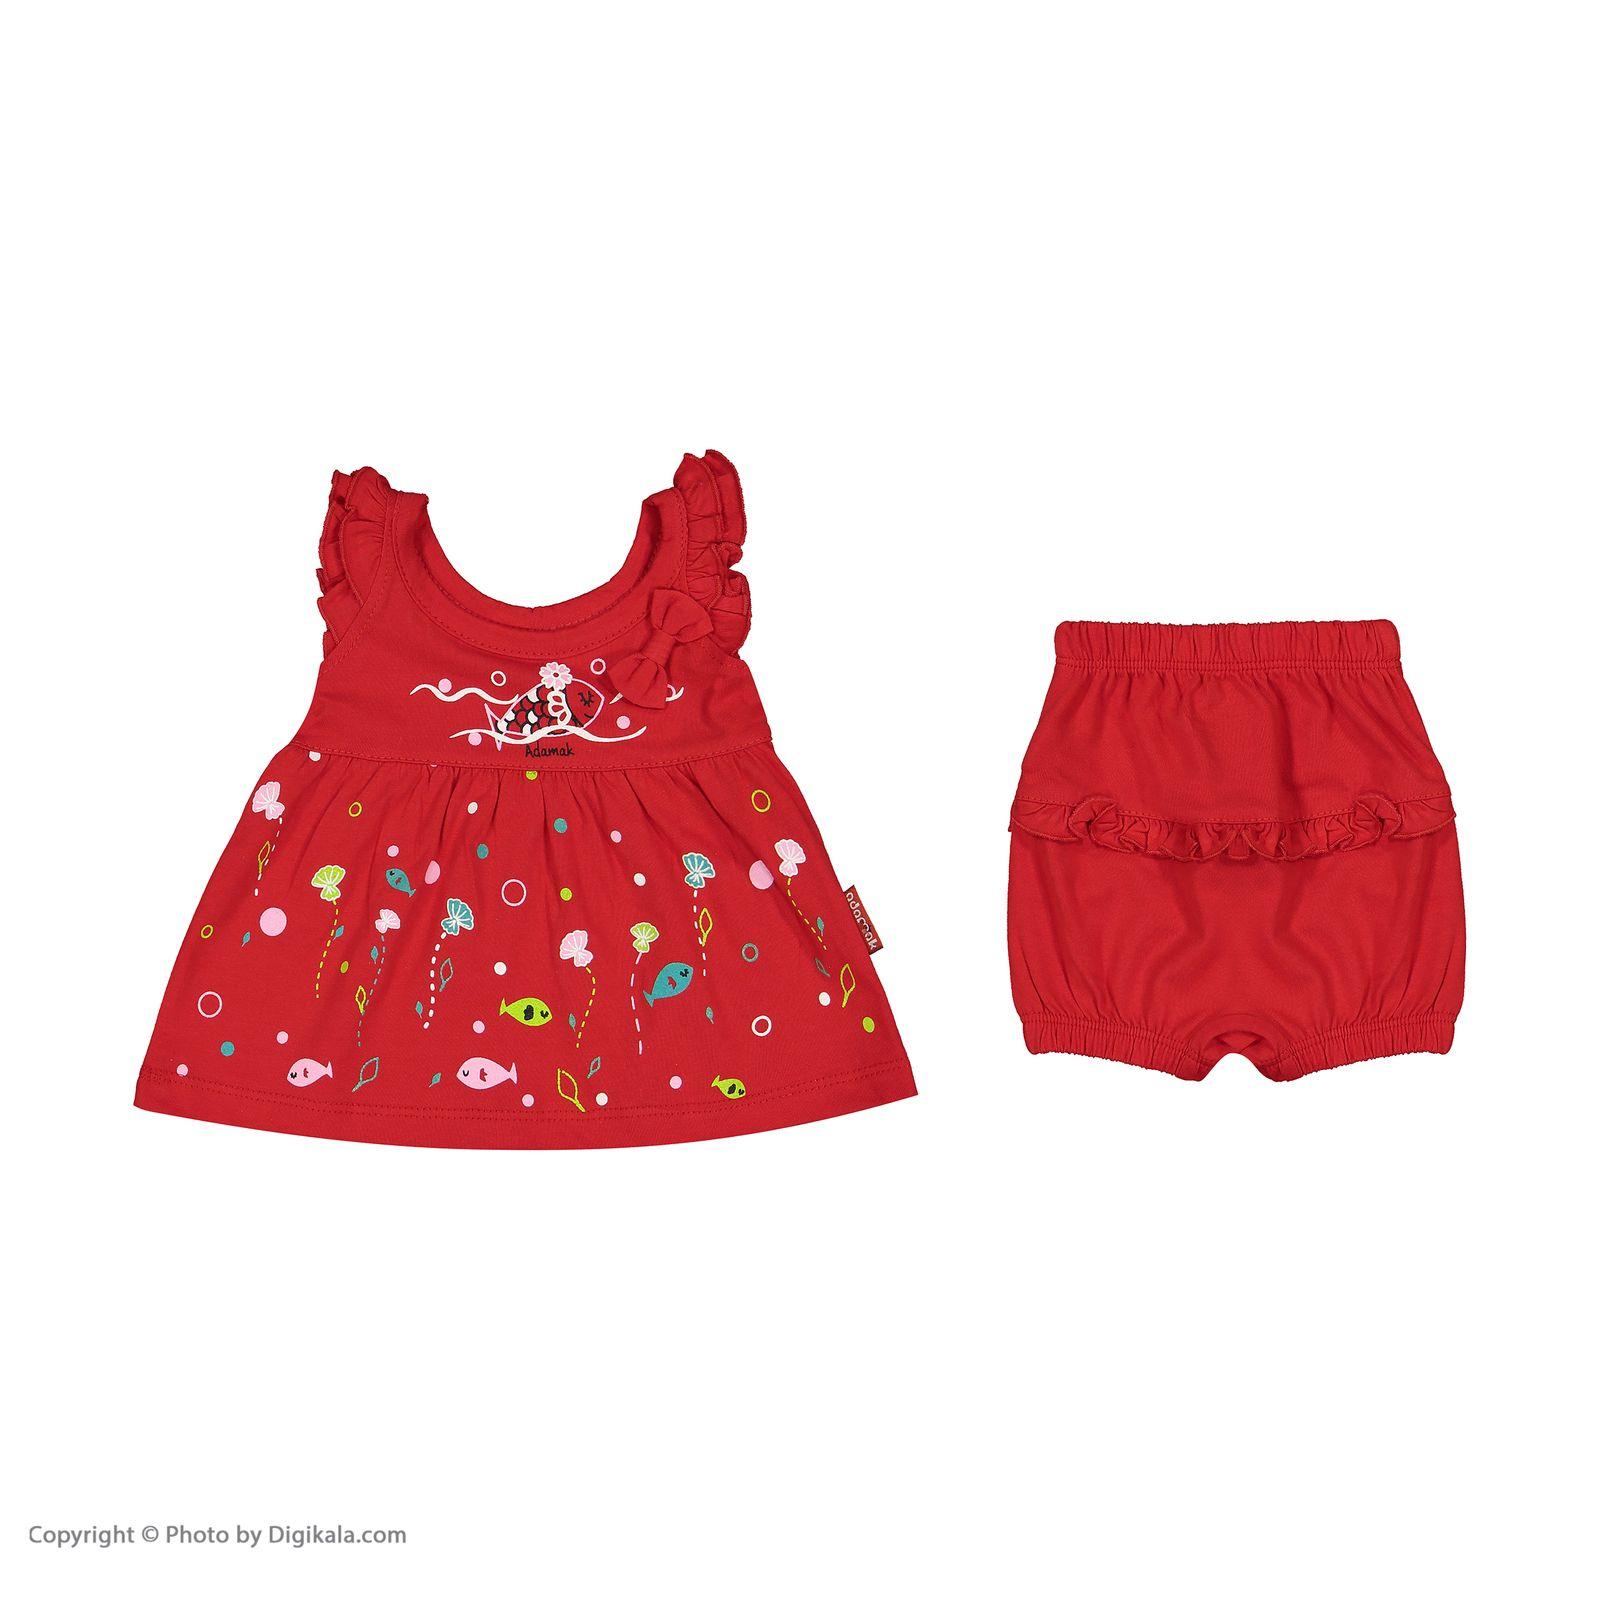 ست پیراهن و شورت نوزادی دخترانه مدل 2171111-72 -  - 3